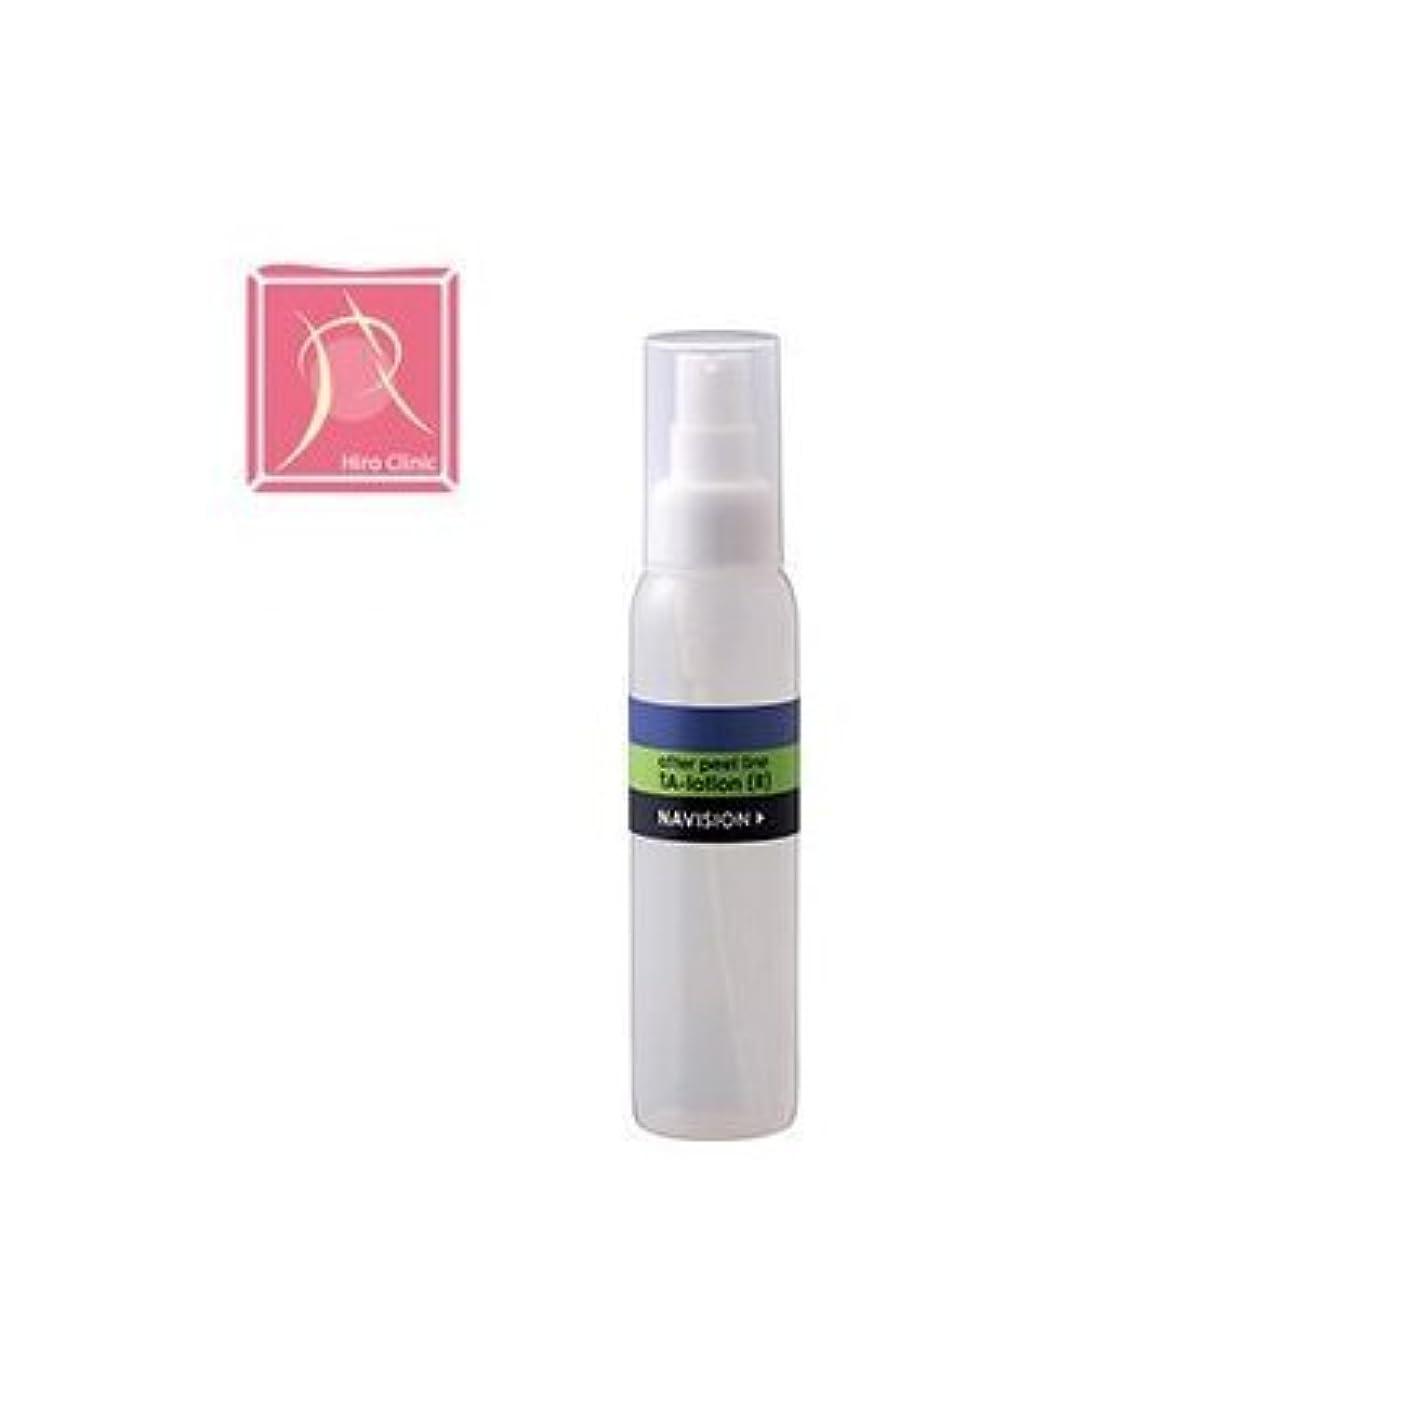 二度パワーセルアセナビジョン NAVISION TAローション(R)(医薬部外品)【トラネキサム酸配合 化粧水】